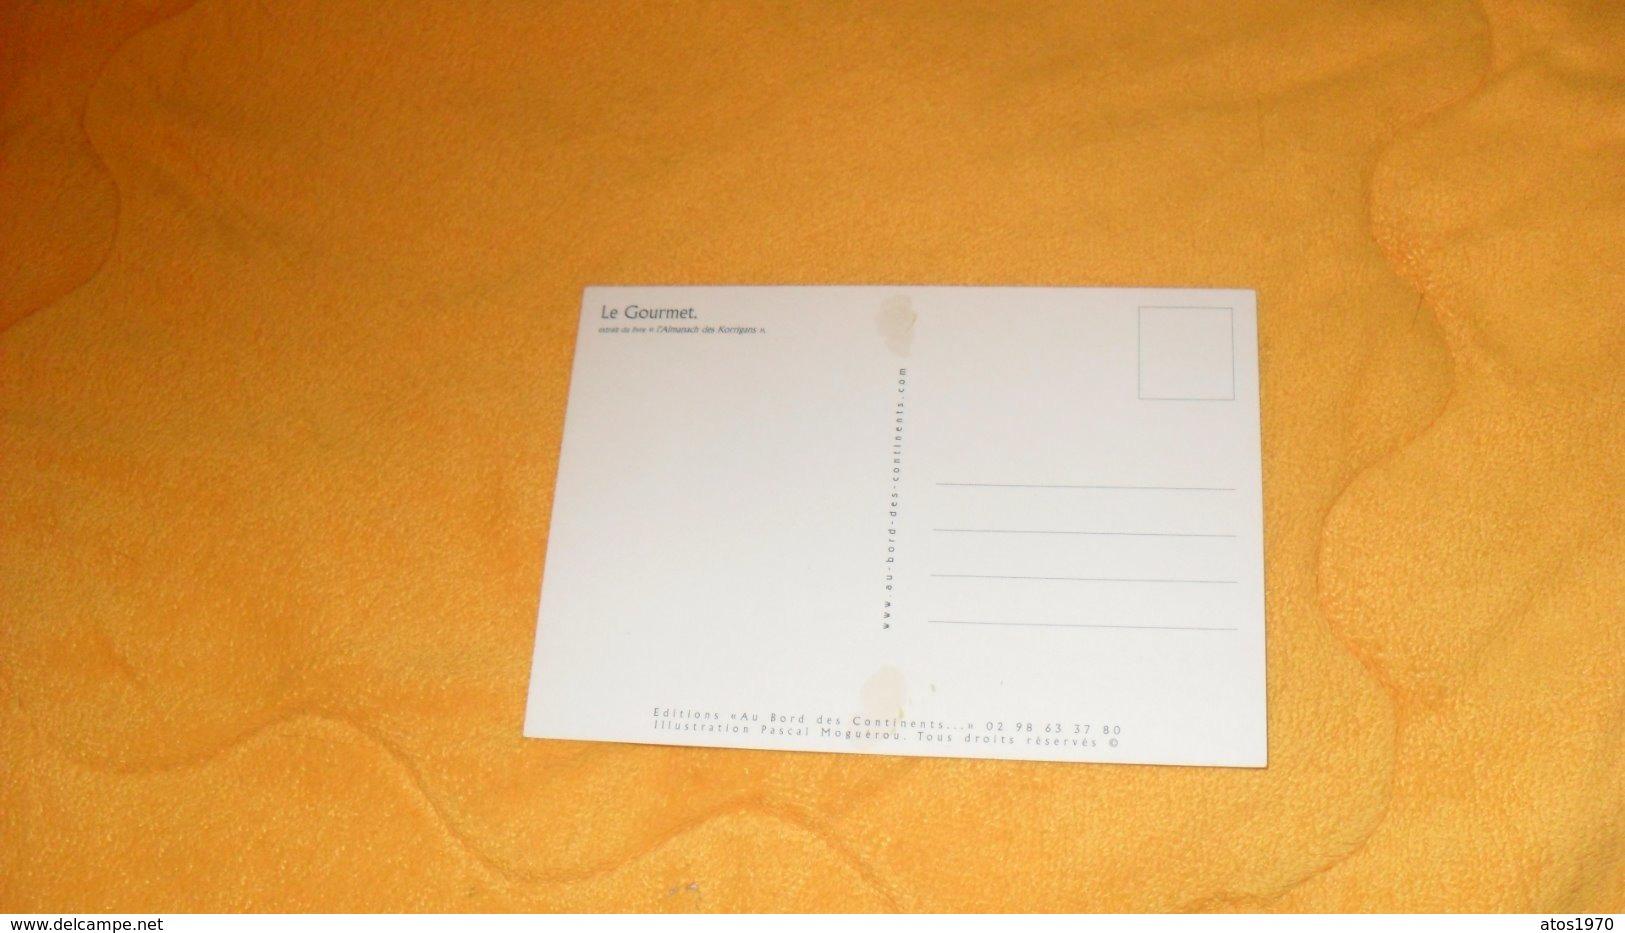 CARTE POSTALE NON CIRCULEE DATE ?.. ./ ILLUSTRATION PASCAL MOGUEROU. LE GOURMET...AU BORD DES CONTINENTS - Künstlerkarten